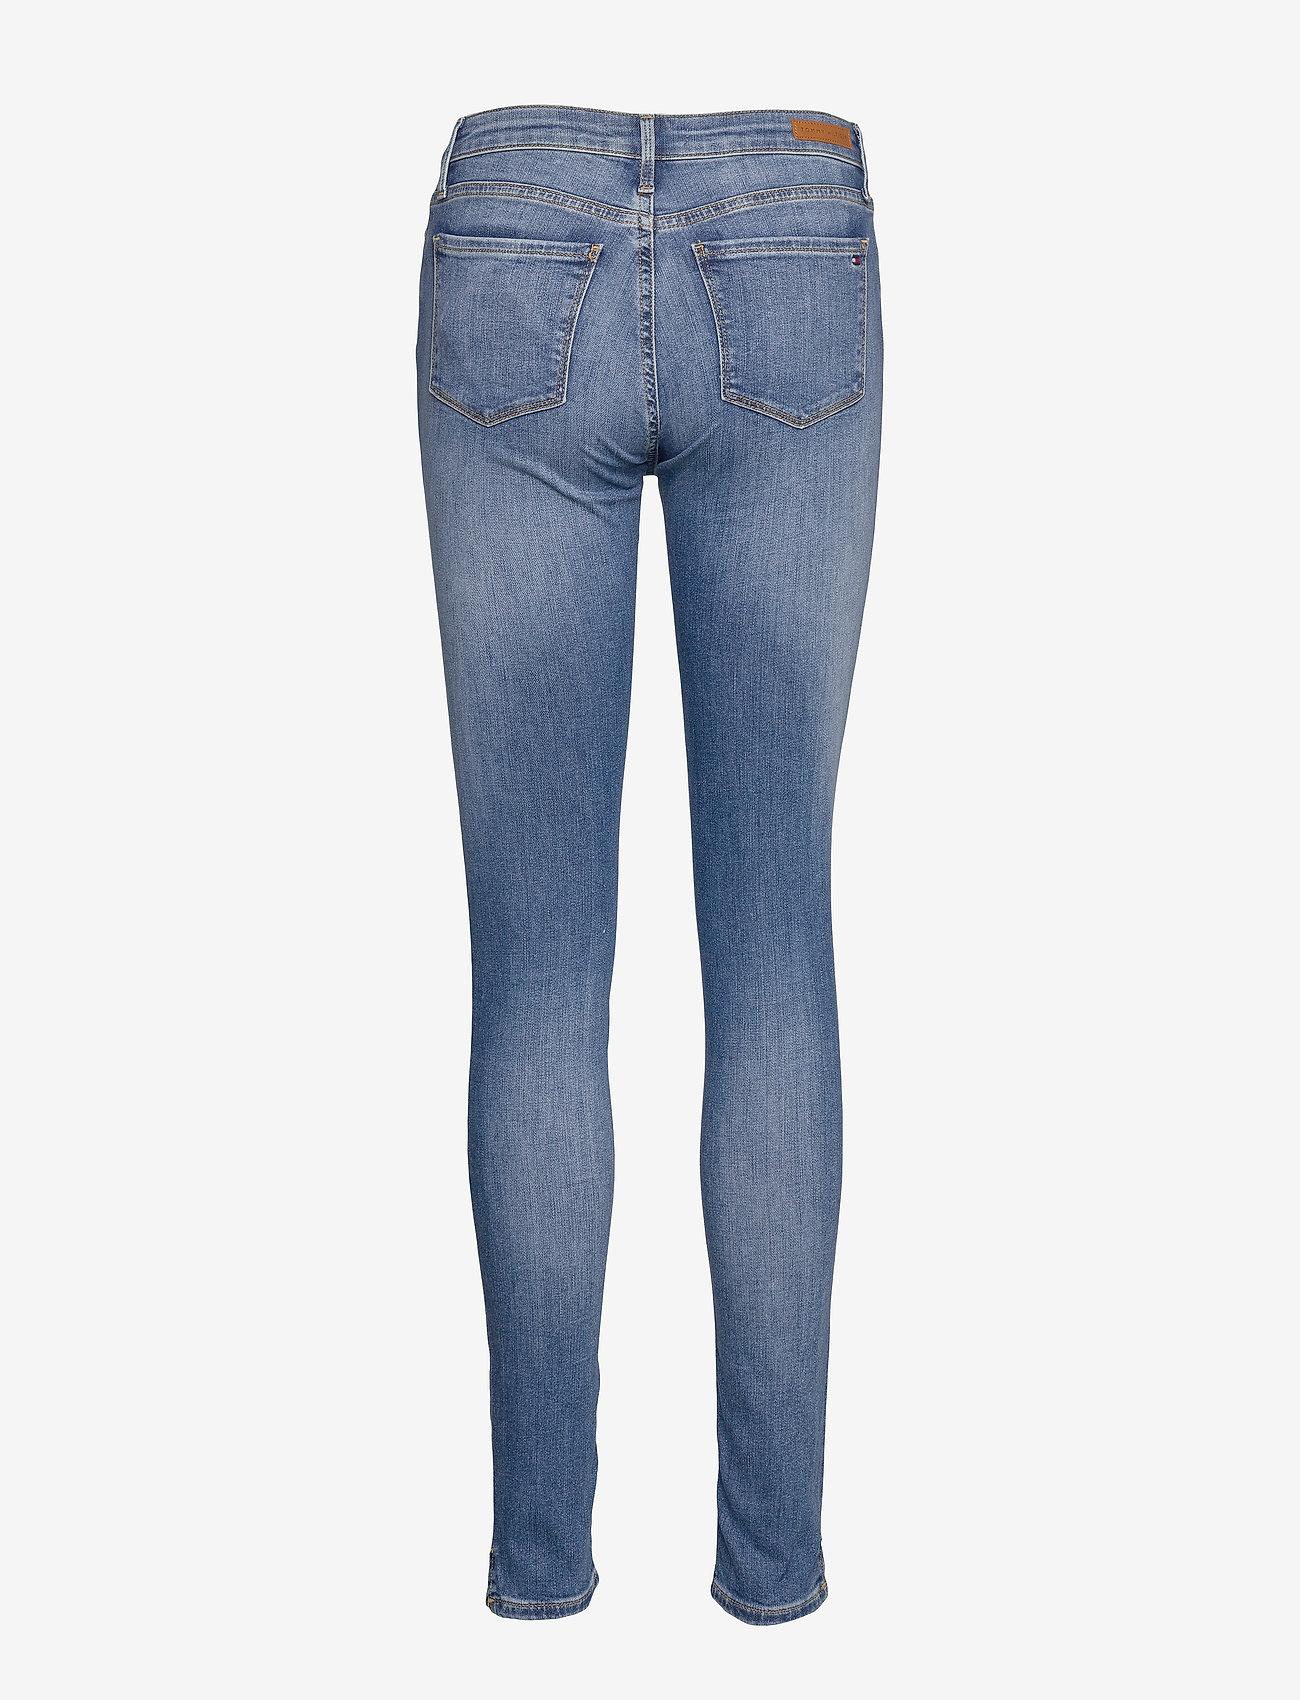 Tommy Hilfiger - COMO SKINNY RW A IZZ - skinny jeans - izzy